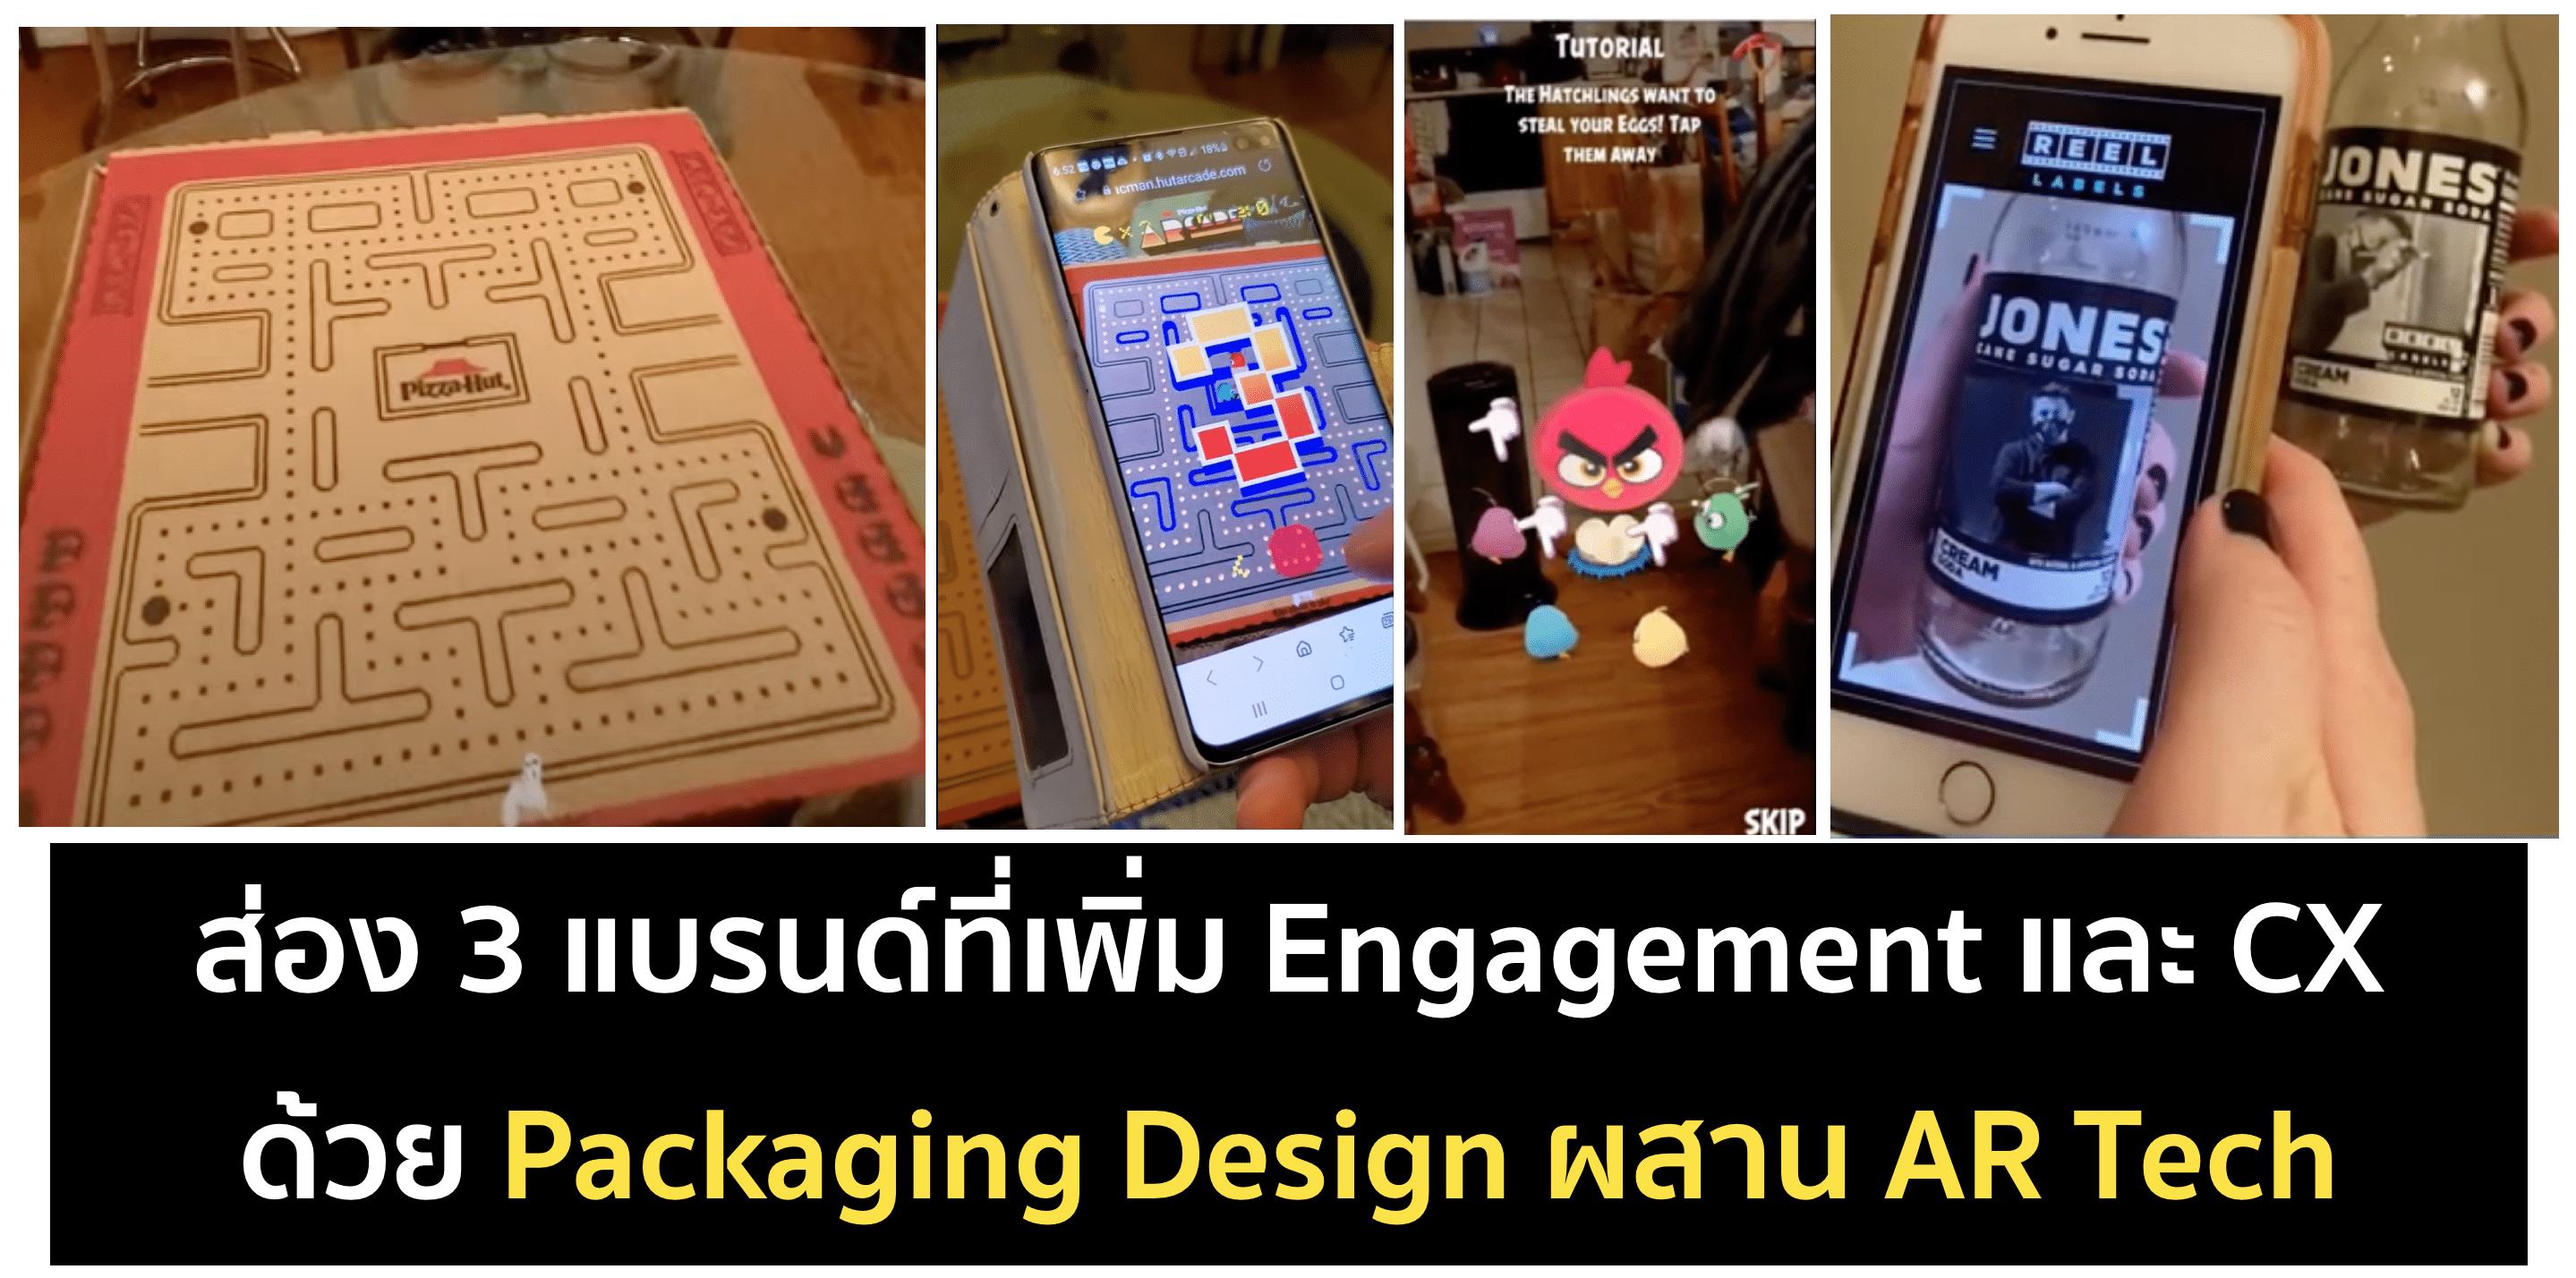 Packaging Design – เปลี่ยนแพ็กเกจนิ่งๆ ให้เป็น AR สนุกๆ